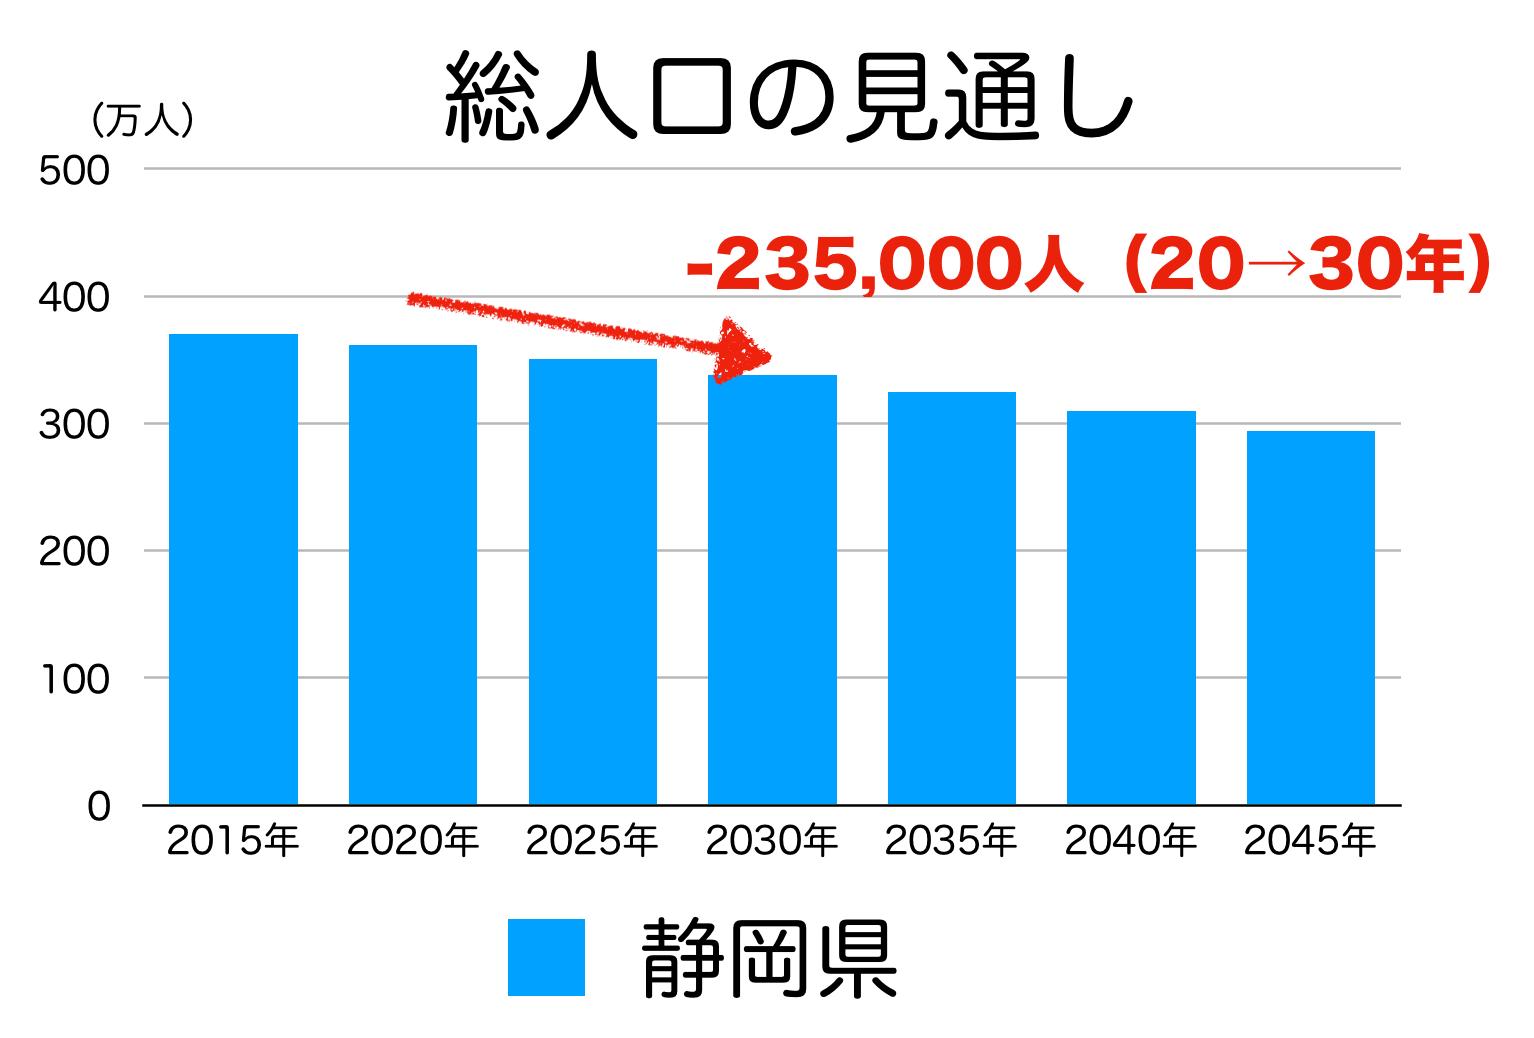 静岡県の人口予測